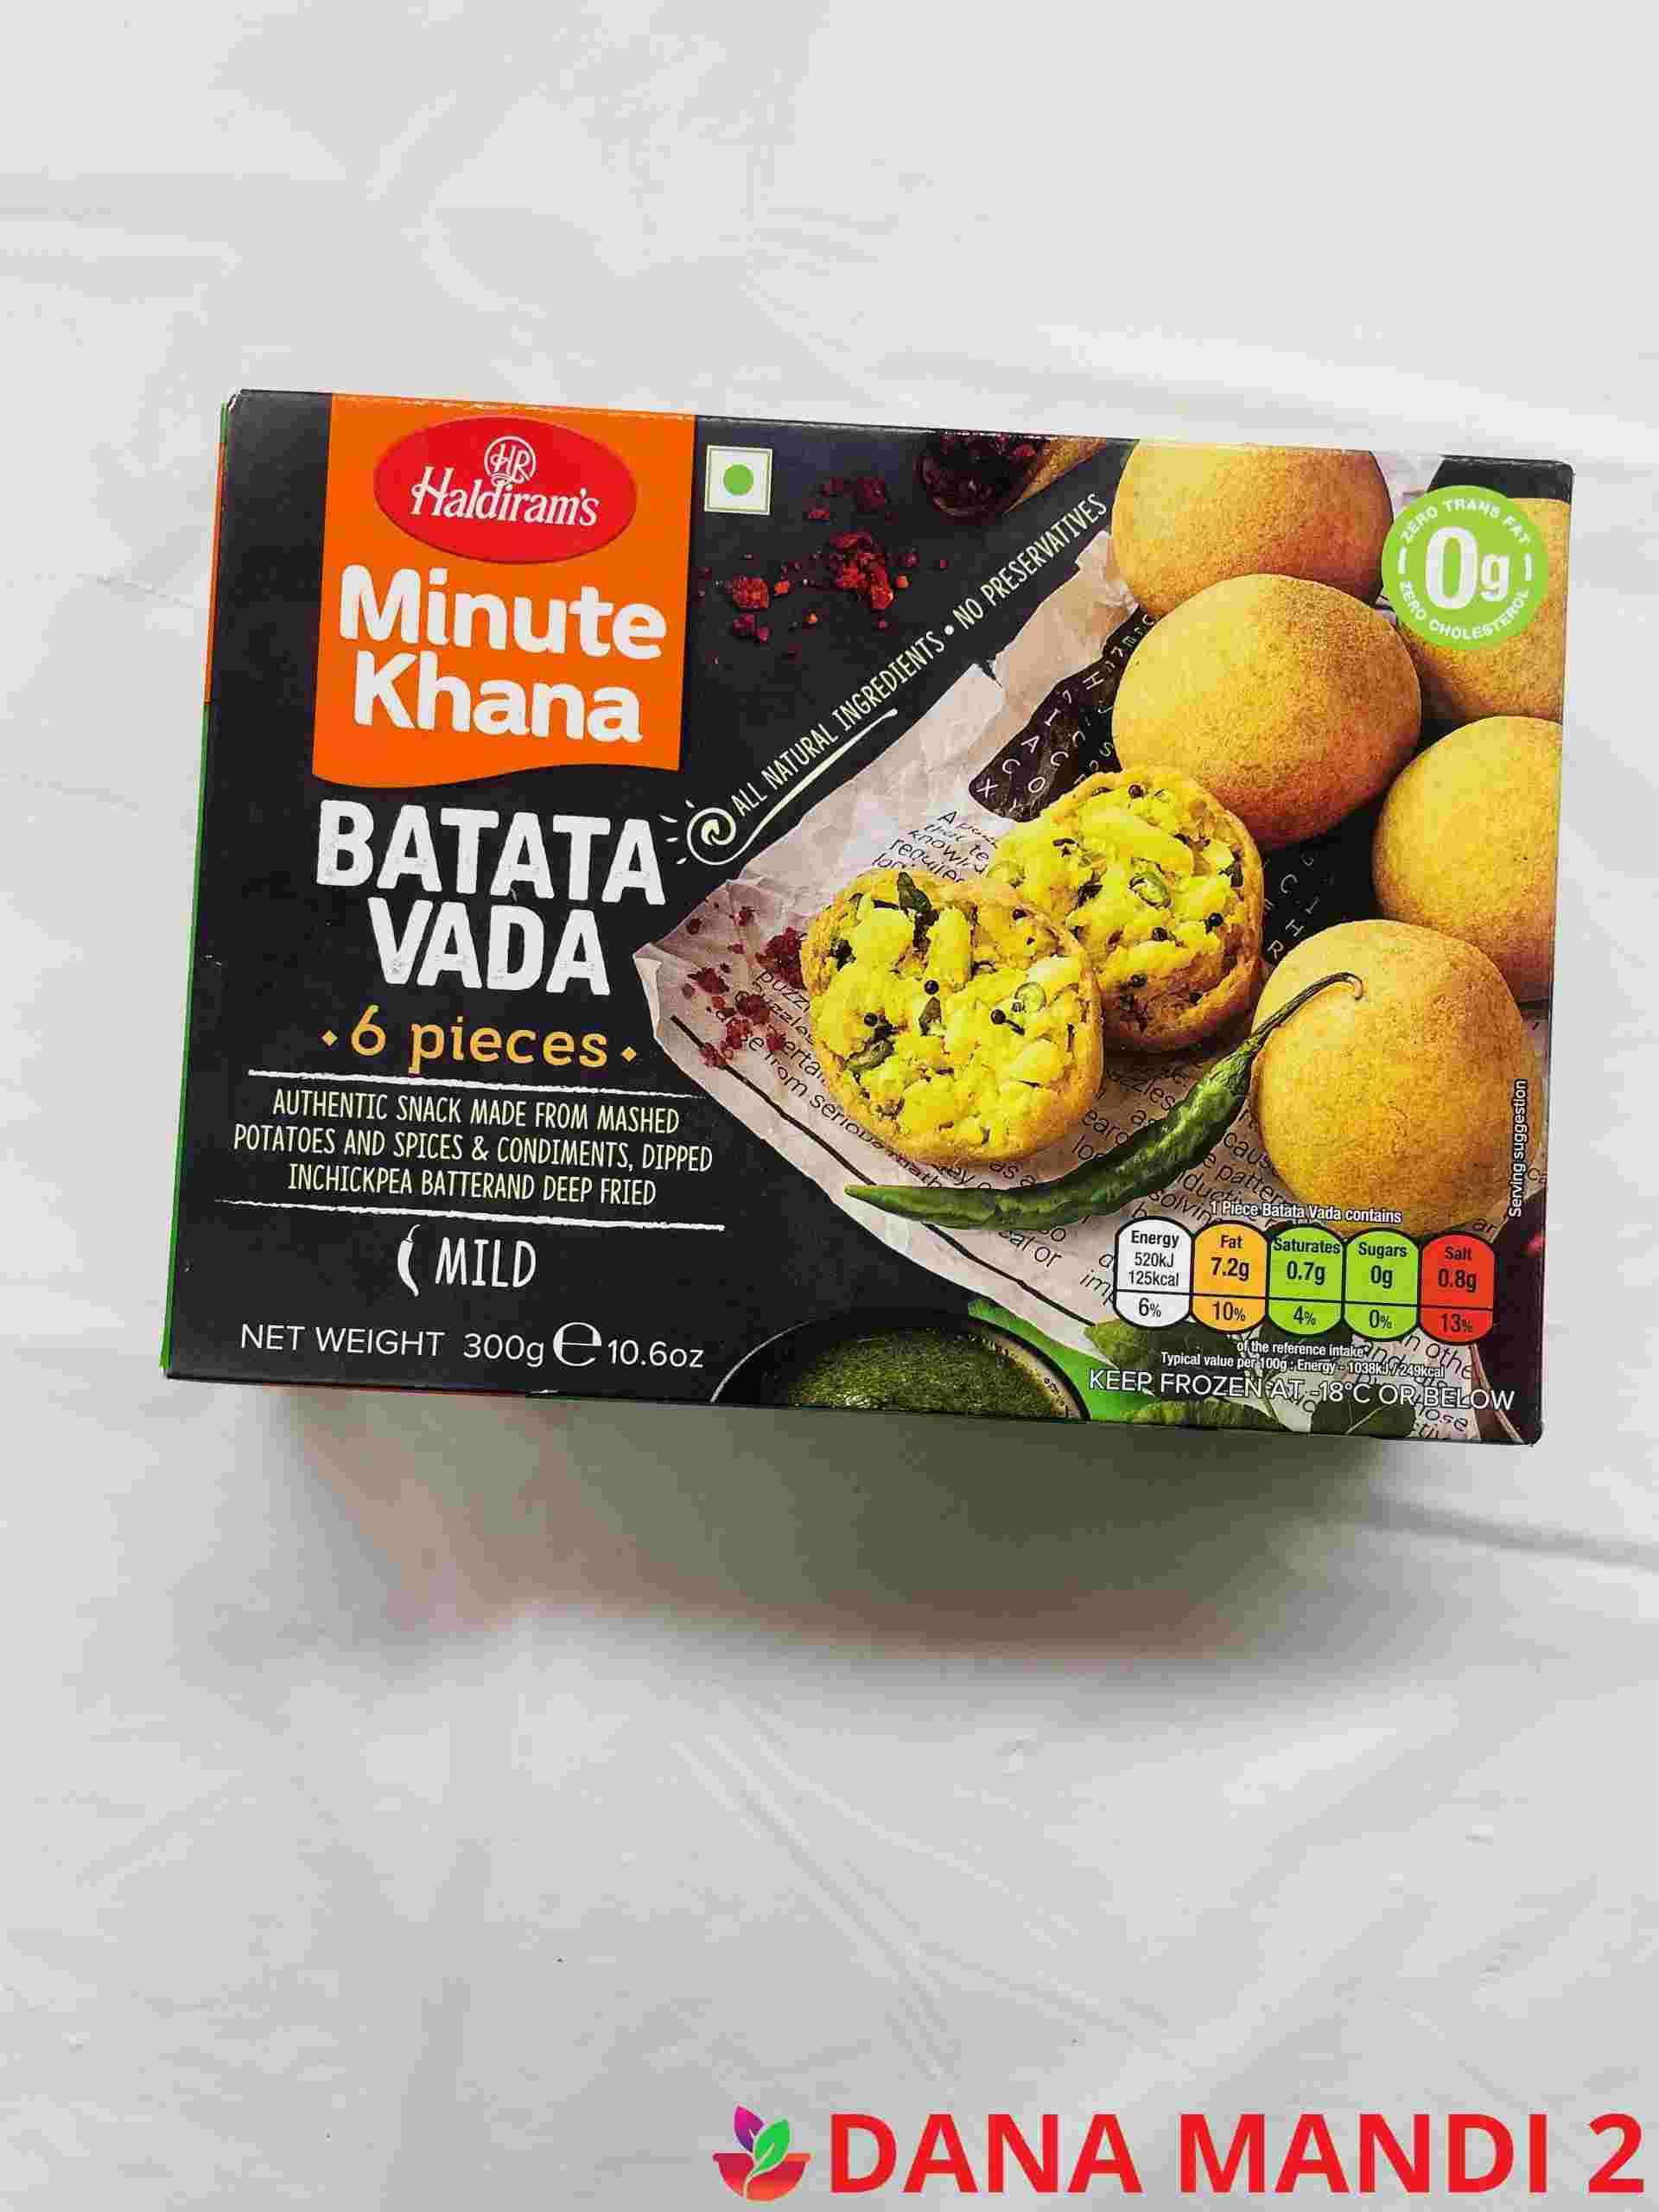 Haldiram's Batata Vada 6 Pieces